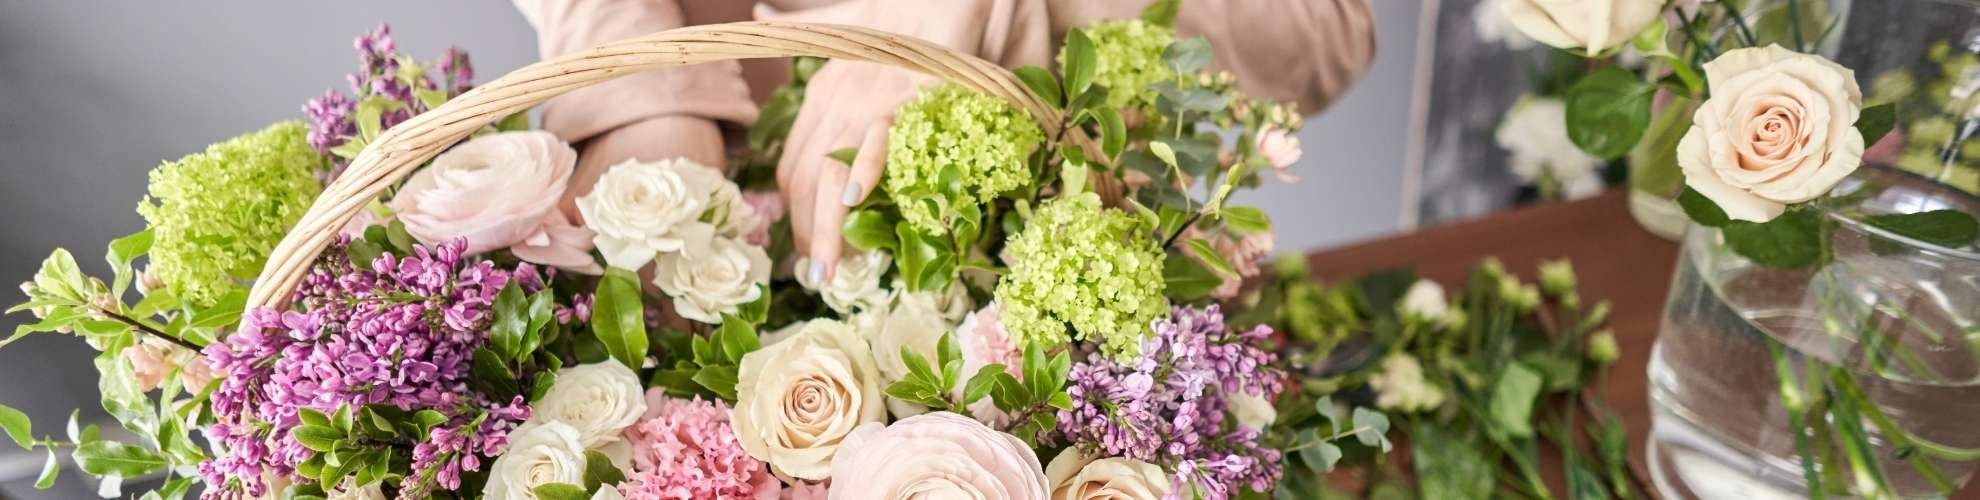 Vintage Bloom Tokoroa Florist